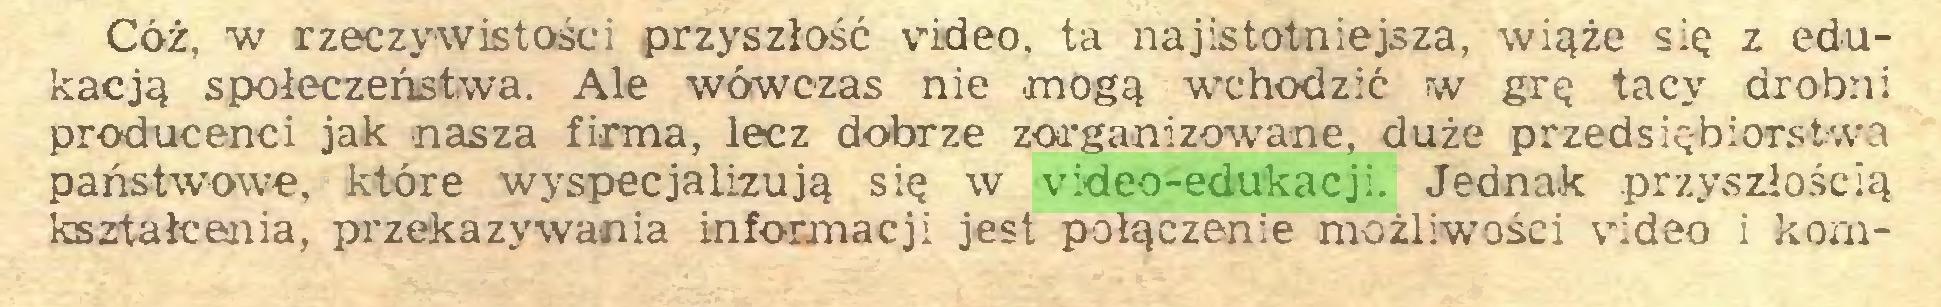 (...) Cóż, w rzeczywistości przyszłość video, ta najistotniejsza, wiąże się z edukacją społeczeństwa. Ale wówczas nie mogą wchodzić w grę tacy drobni producenci jak nasza firma, lecz dobrze zorganizowane, duże przedsiębiorstwa państwowe, które wyspecjalizują się w video-edukacji. Jednak przyszłością kształcenia, przekazywania informacji jest połączenie możliwości video i kom...